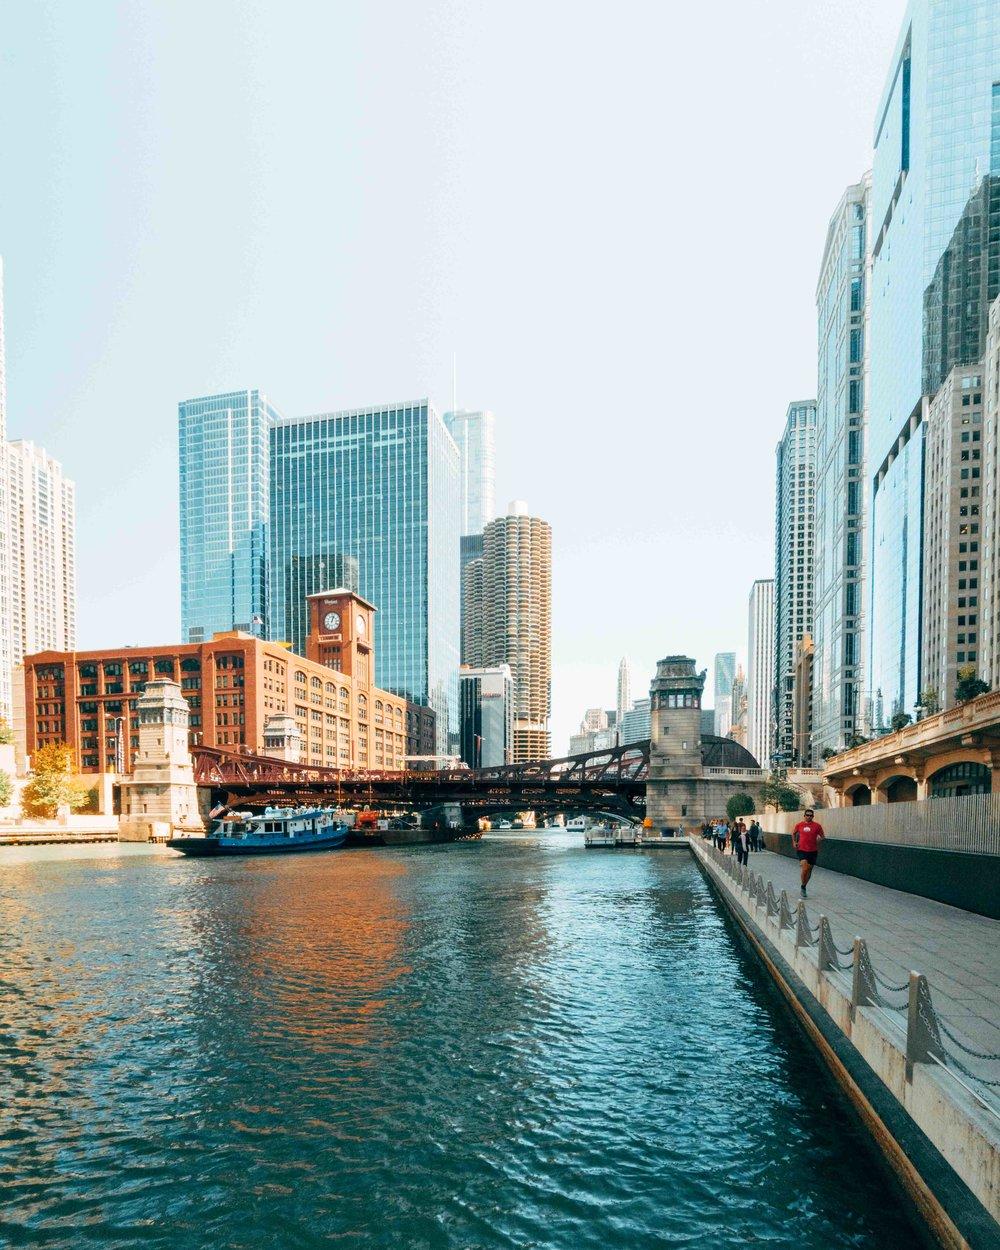 36-hours-in-chicago-chicago-riverwalk